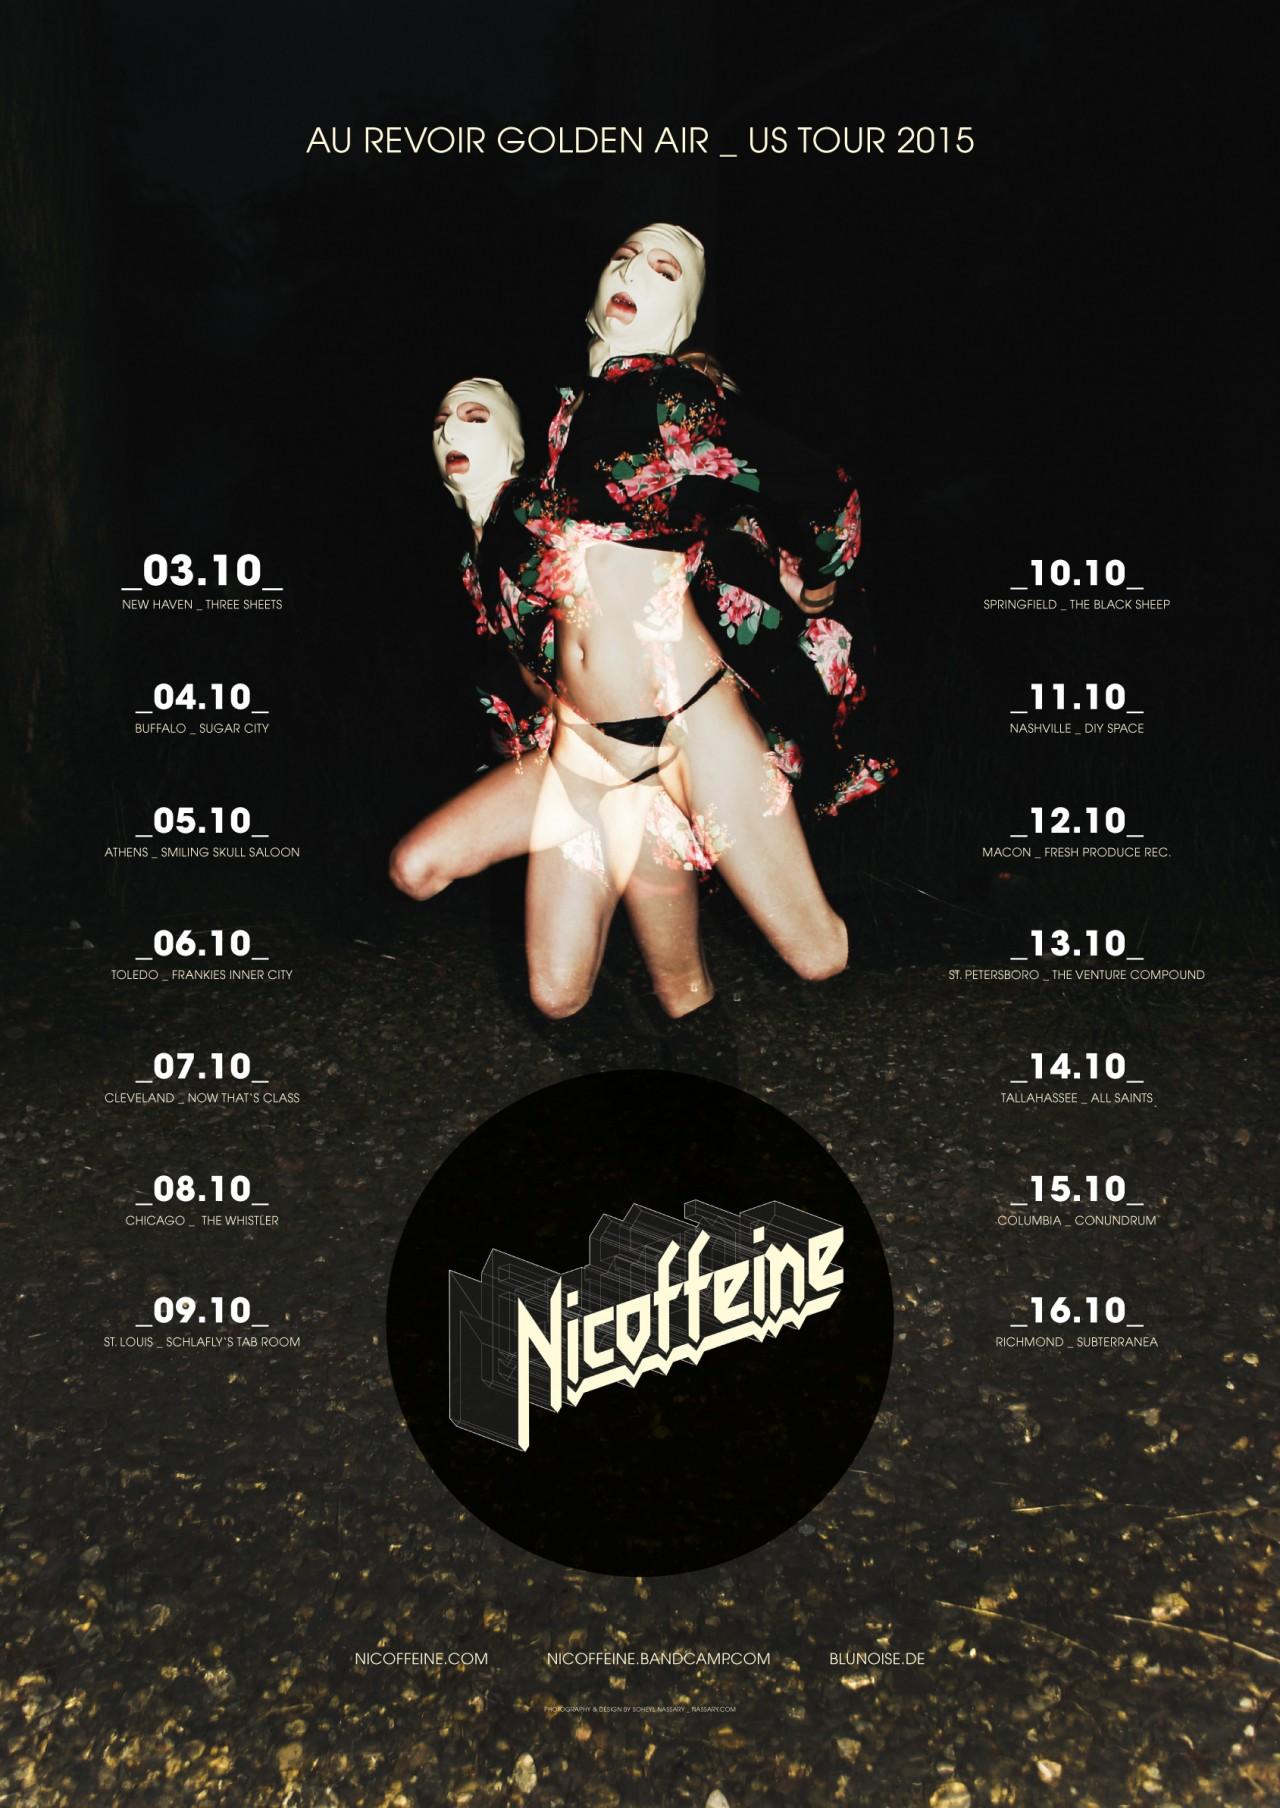 SOHEYL NASSARY NICOFFEINE / US 2015